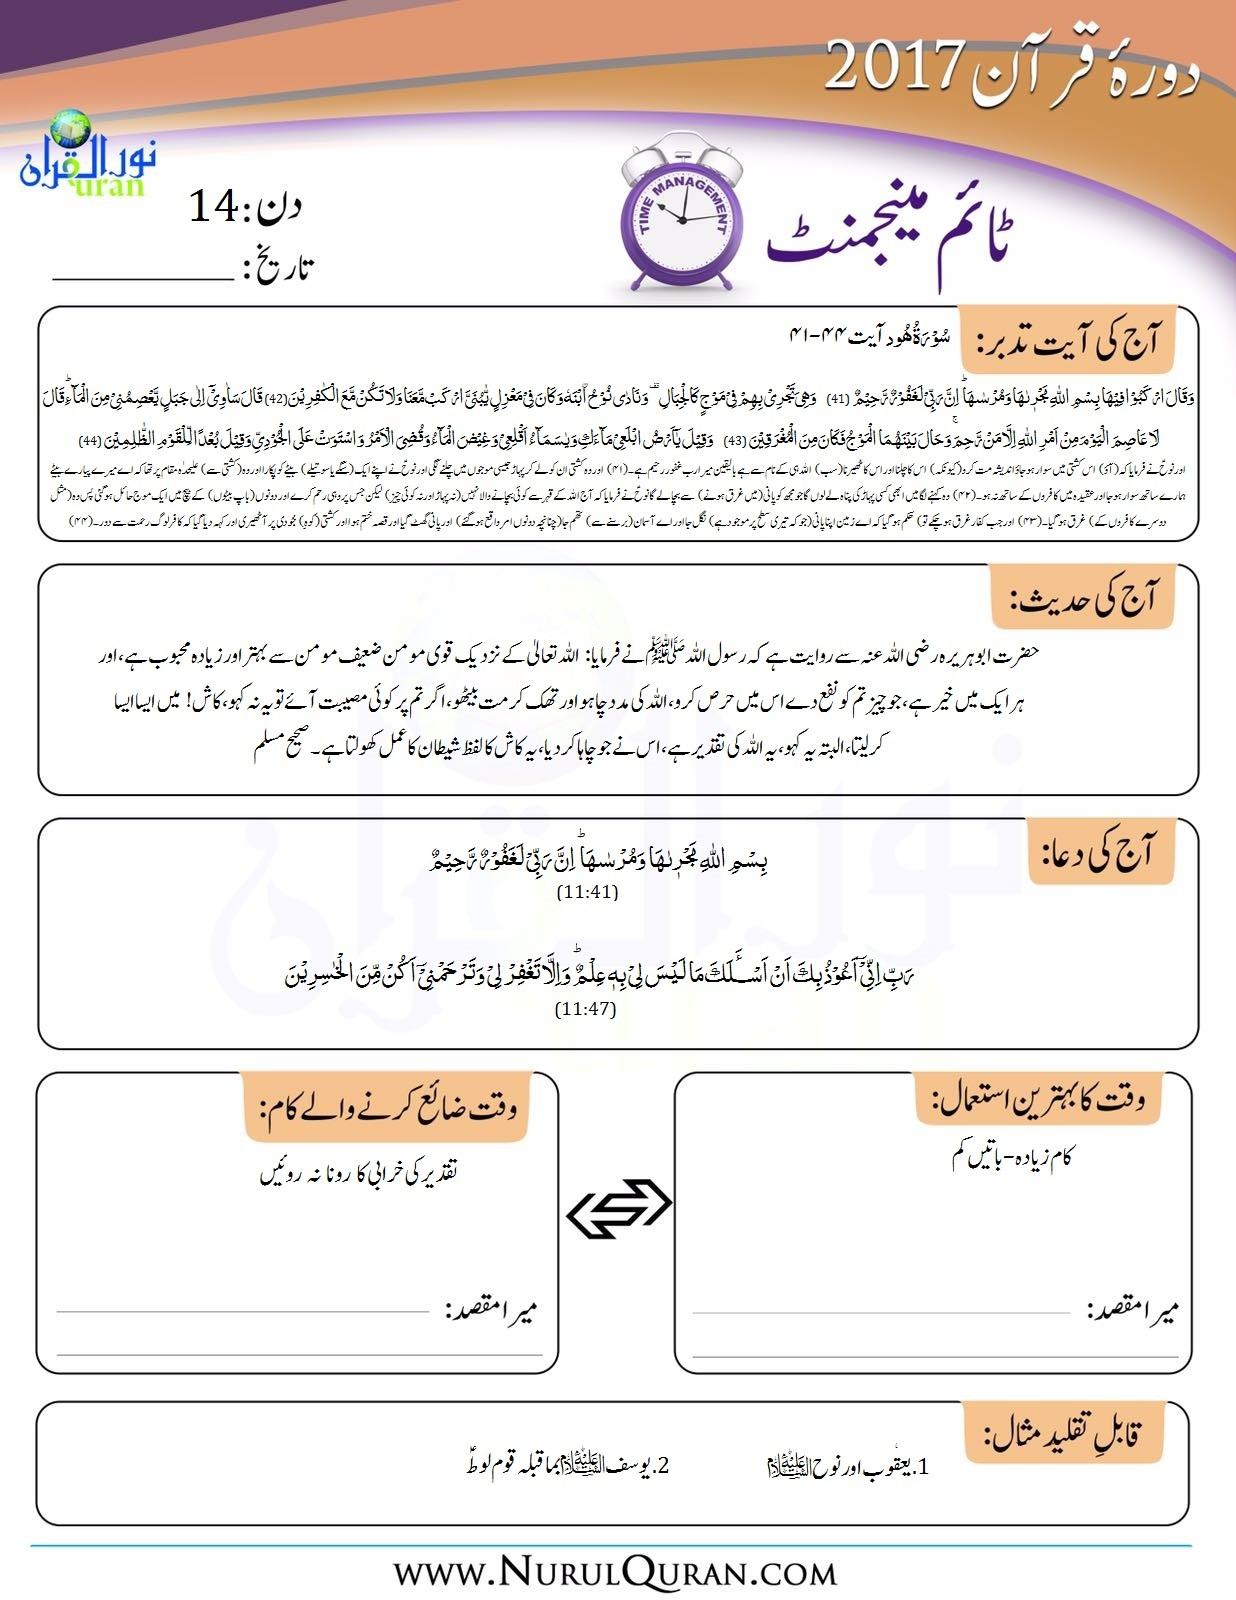 DQ17-reminder-day11-urdu